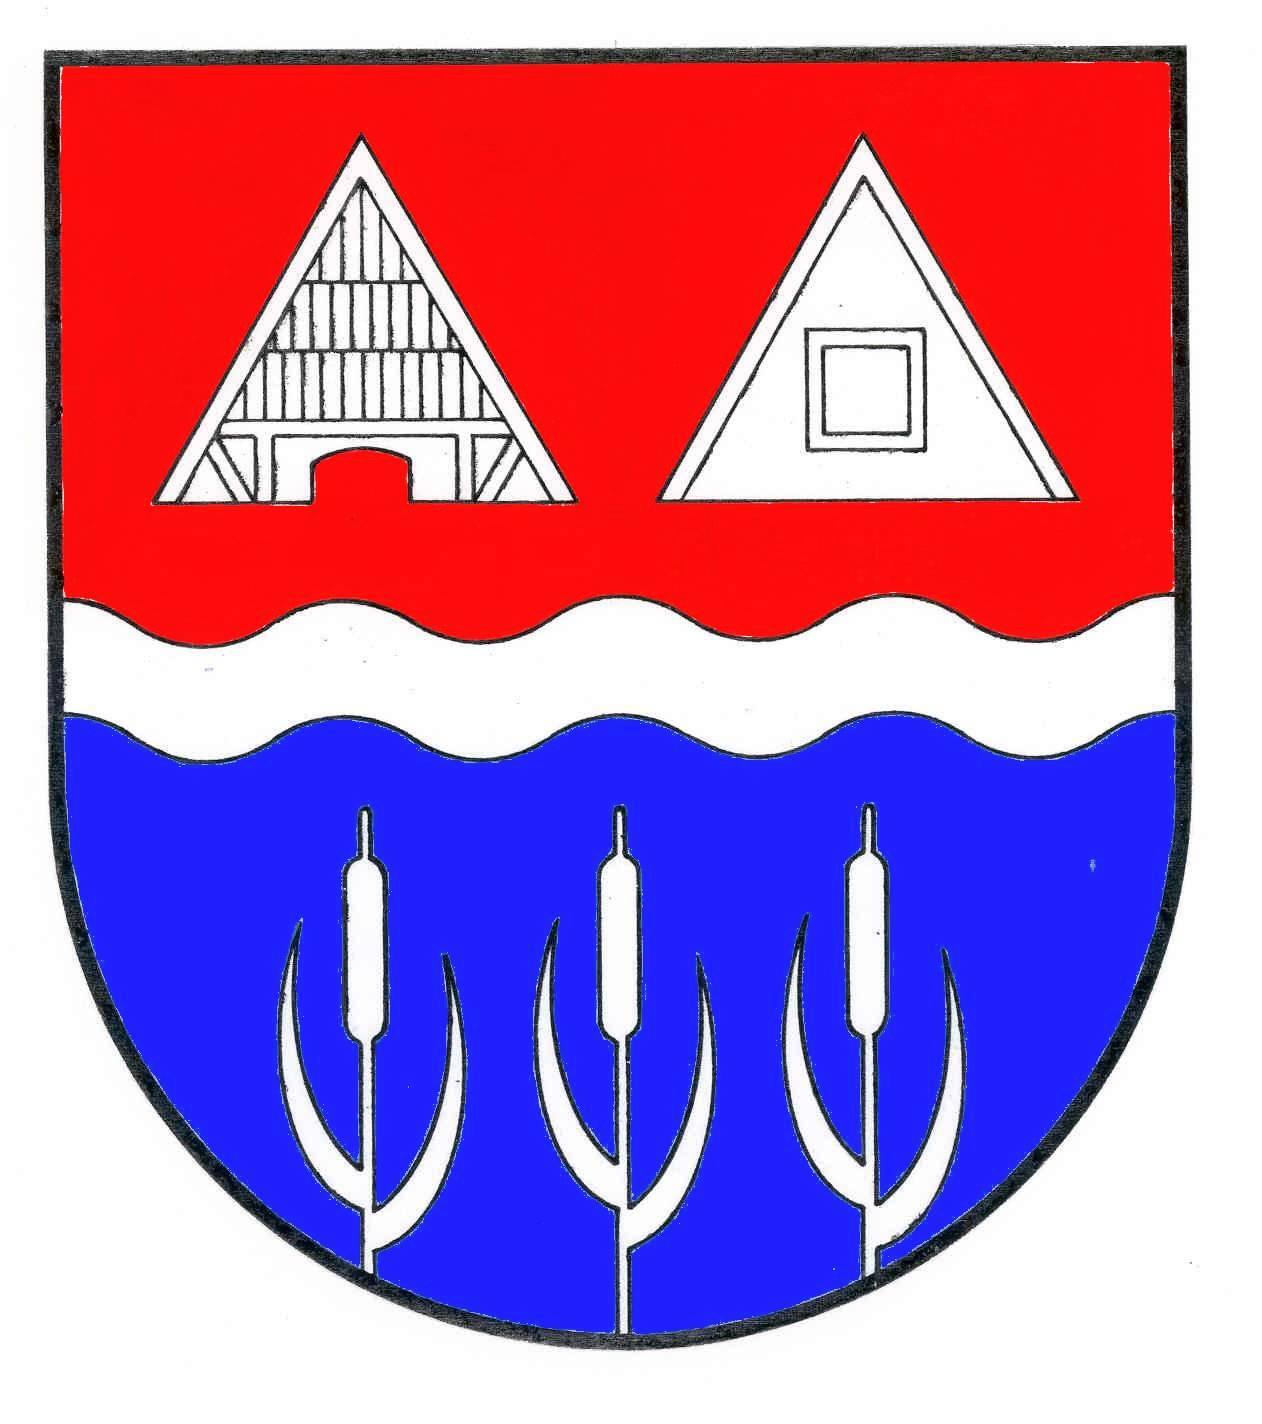 Wappen GemeindeWattenbek, Kreis Rendsburg-Eckernförde